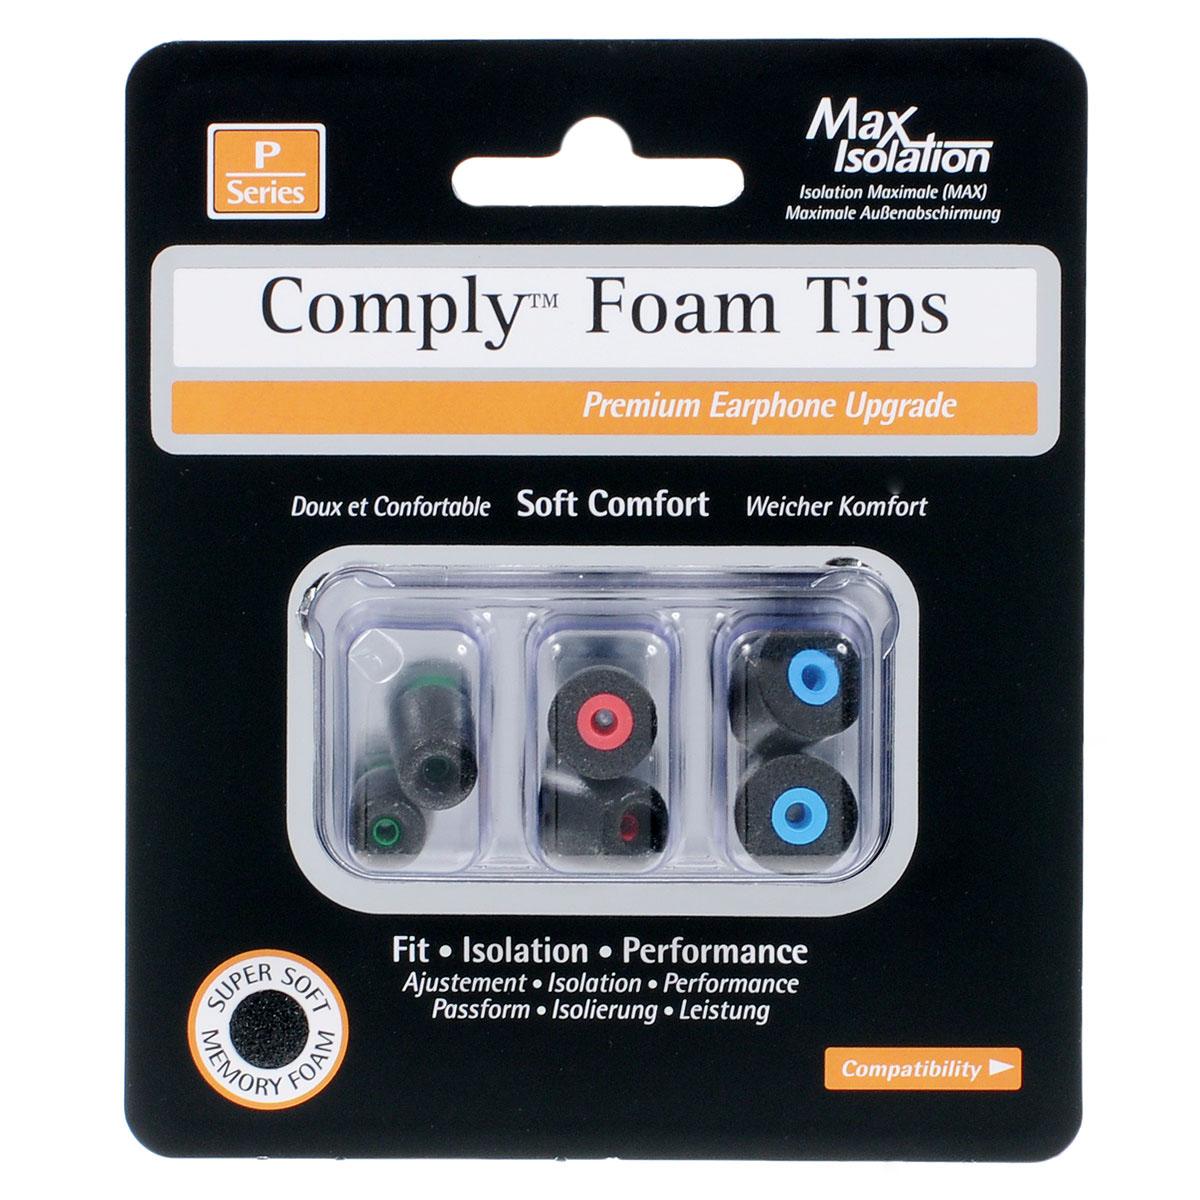 Comply P-Series P-100 Mixed, Black амбушюры для наушников (3 пары)15117919Сменные амбушюры Comply P-100 для внутриканальных наушников изготовлены из полиуретановой пены и термопластичного эластомера. Активным слушателям они гарантируют индивидуальную посадку в ушном канале, комфортное использование в течение всего дня, а также превосходное качество звука без внешних помех. Эти амбушюры изготовлены из прочных материалов и аккуратно растягиваются, чтобы принять форму ушного канала. Они обладают индивидуальной посадкой и прекрасно удерживаются внутри уха, поэтому ваши наушники всегда в целости и сохранности вне зависимости от того, находитесь ли вы на улице или внутри помещения. Также эти амбушюры позволят вам насладиться музыкой в шумных местах, не увеличивая громкость музыки на плеере. Уникальная полиуретановая пена с эффектом памяти обеспечивает круглосуточный комфорт, избавляя вас от неприятных ощущений в ушах и усталости, которые могут появляться при использовании ушных вкладышей, идущих в комплекте с наушниками. В...